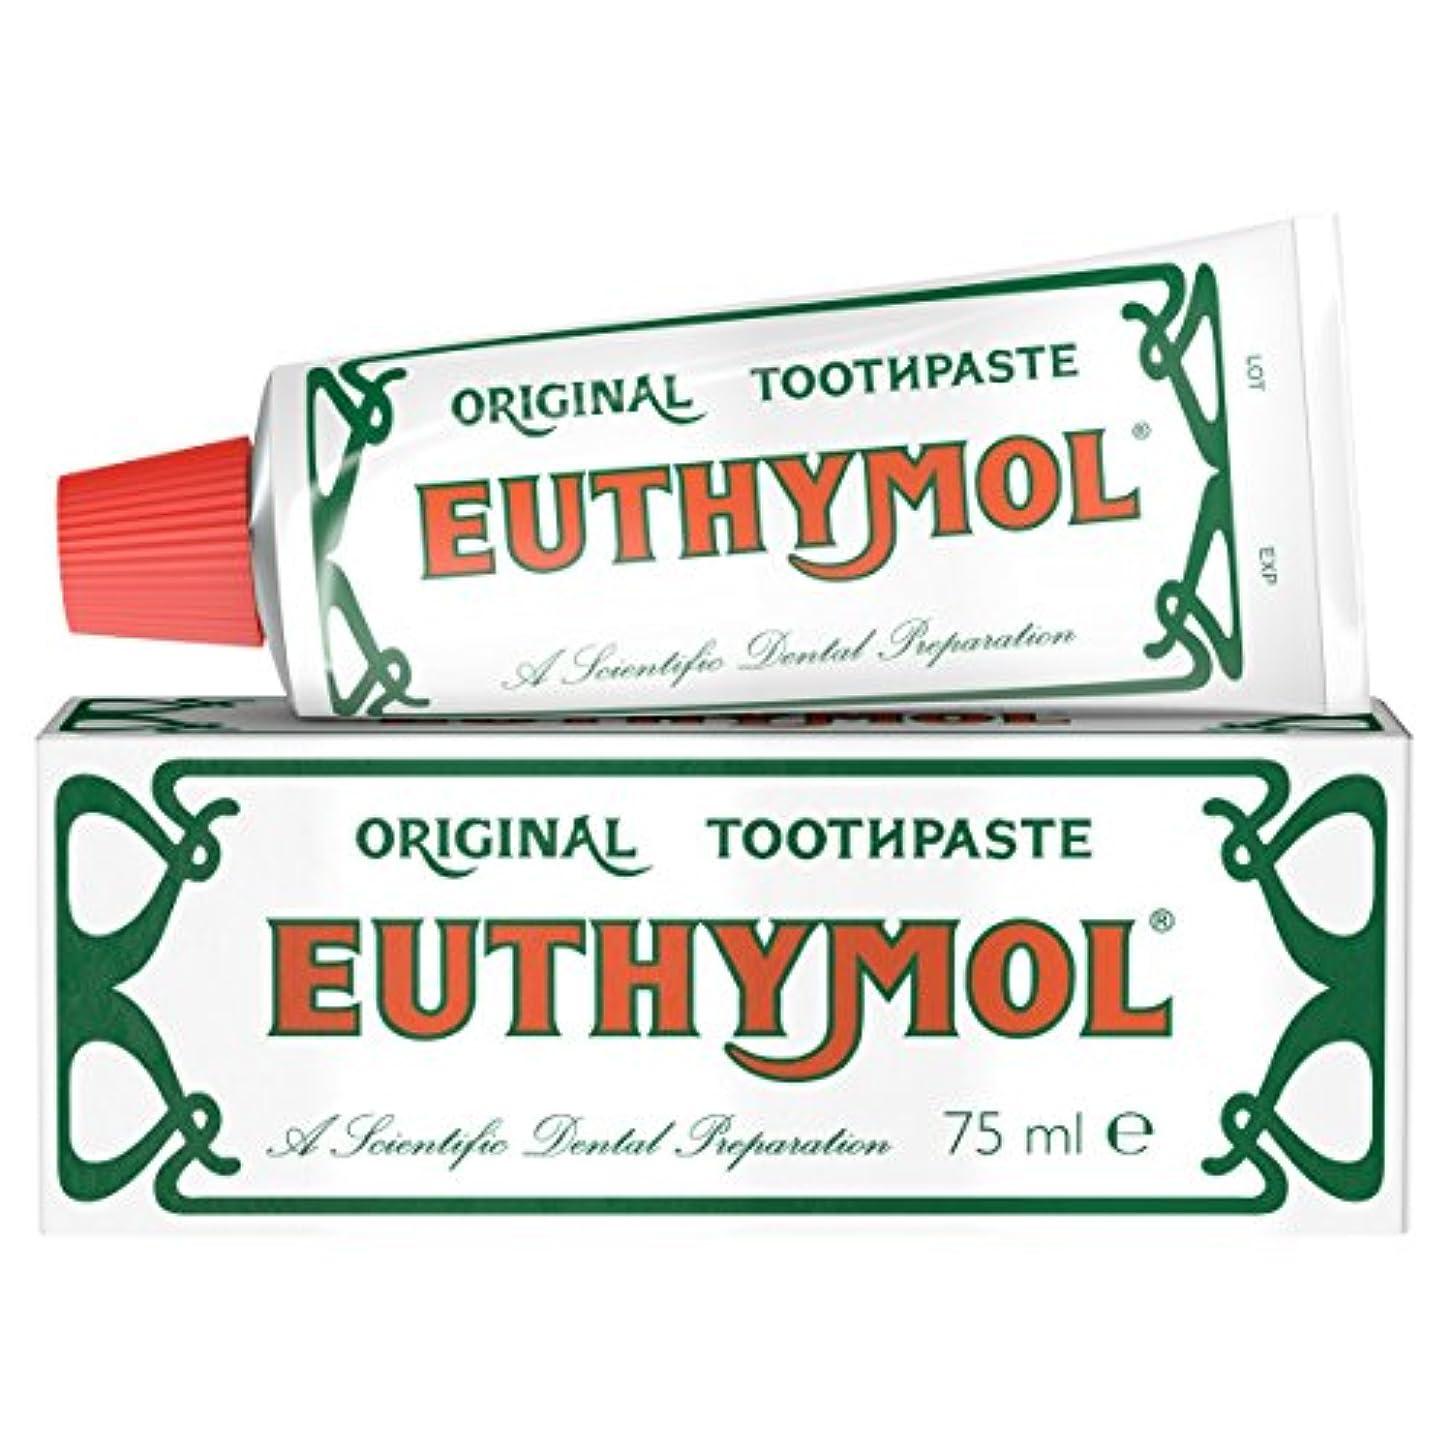 近似利点溶接Euthymol オリジナル歯磨き粉 75ml 並行輸入品 Euthymol Original Toothpaste 75 Ml